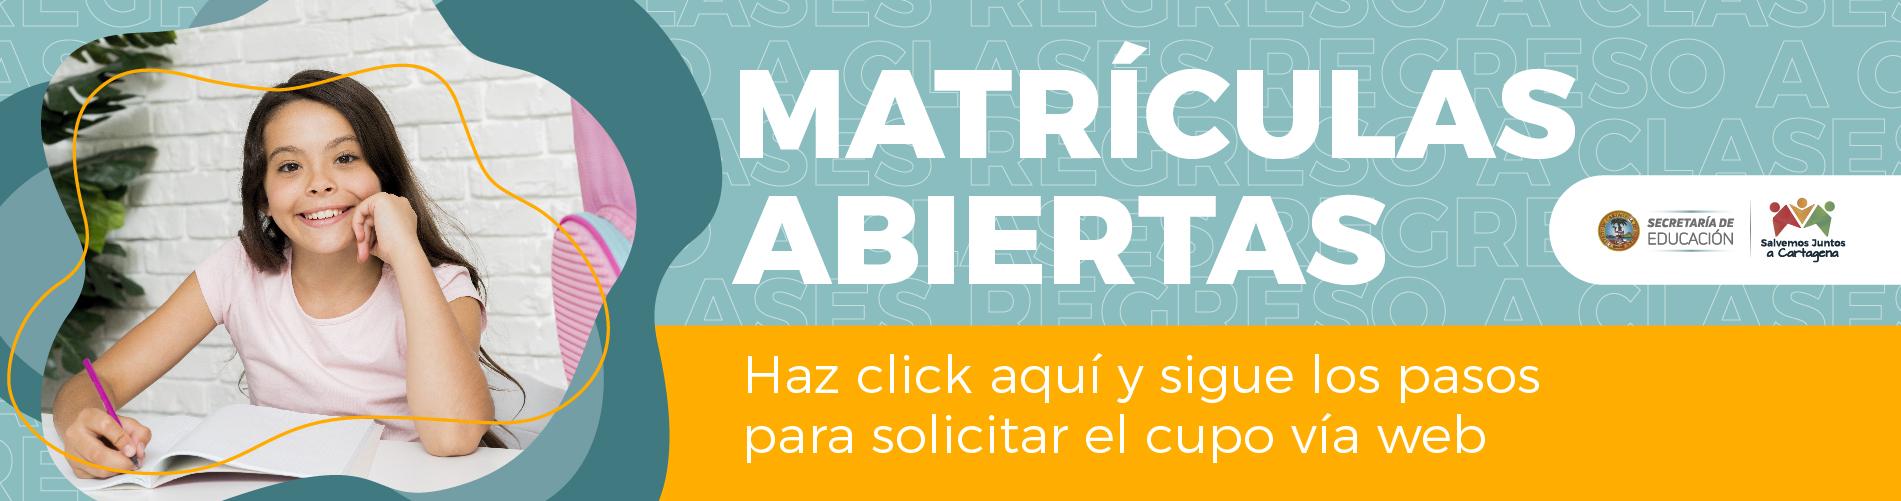 Banner-Matrículas-Abiertas-2021